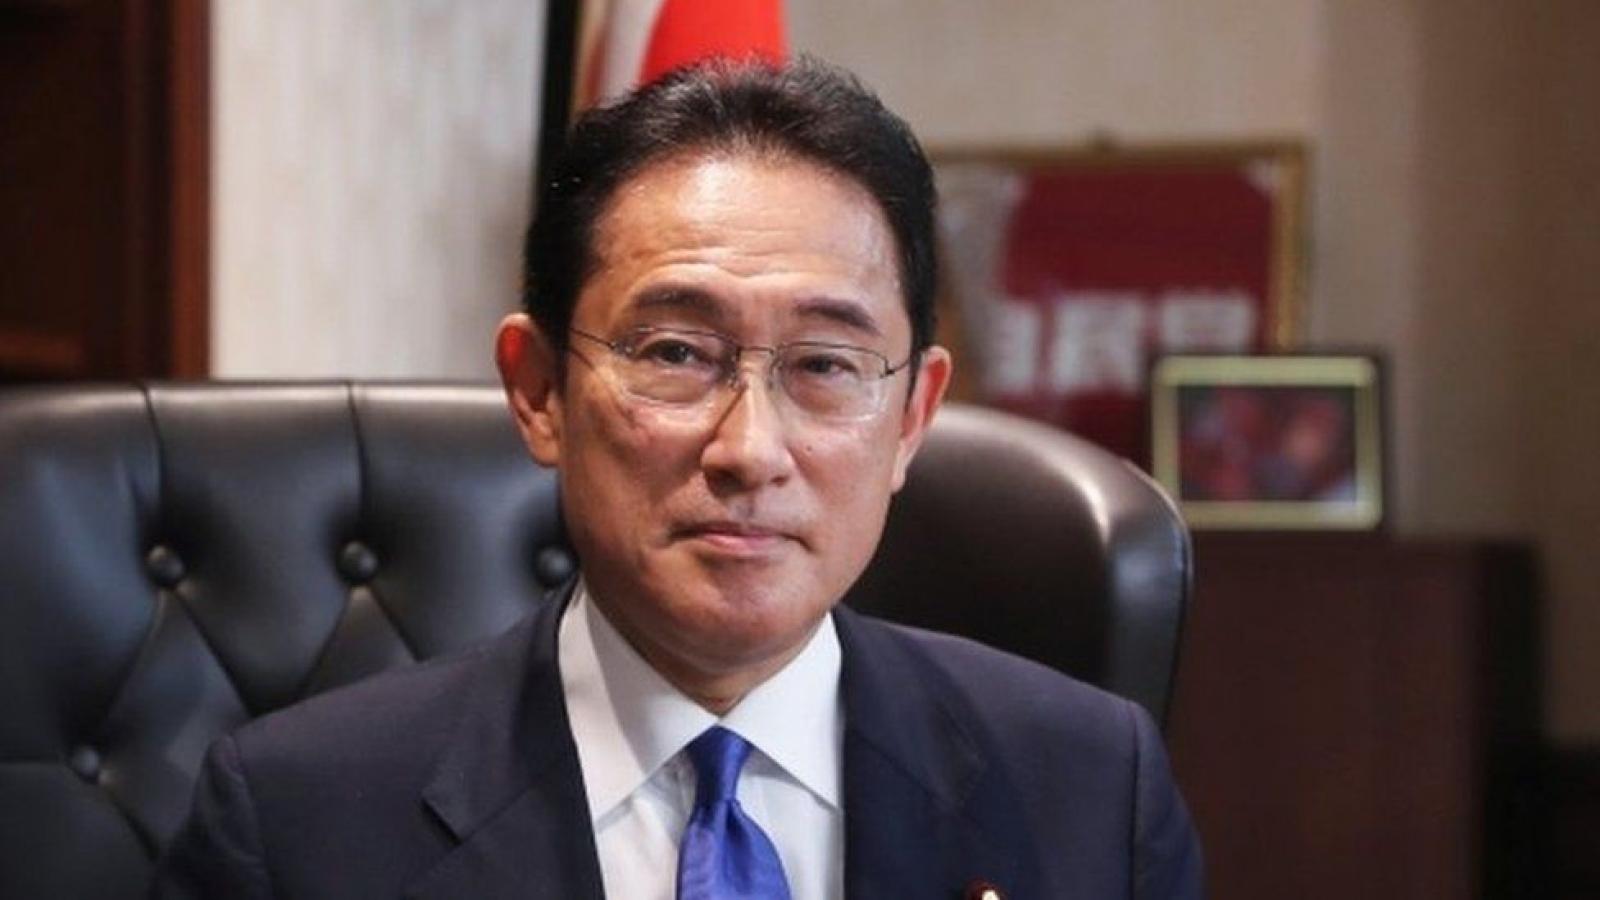 Thủ tướng Nhật Bản điện đàm với Chủ tịch Trung Quốc và Thủ tướng Ấn Độ